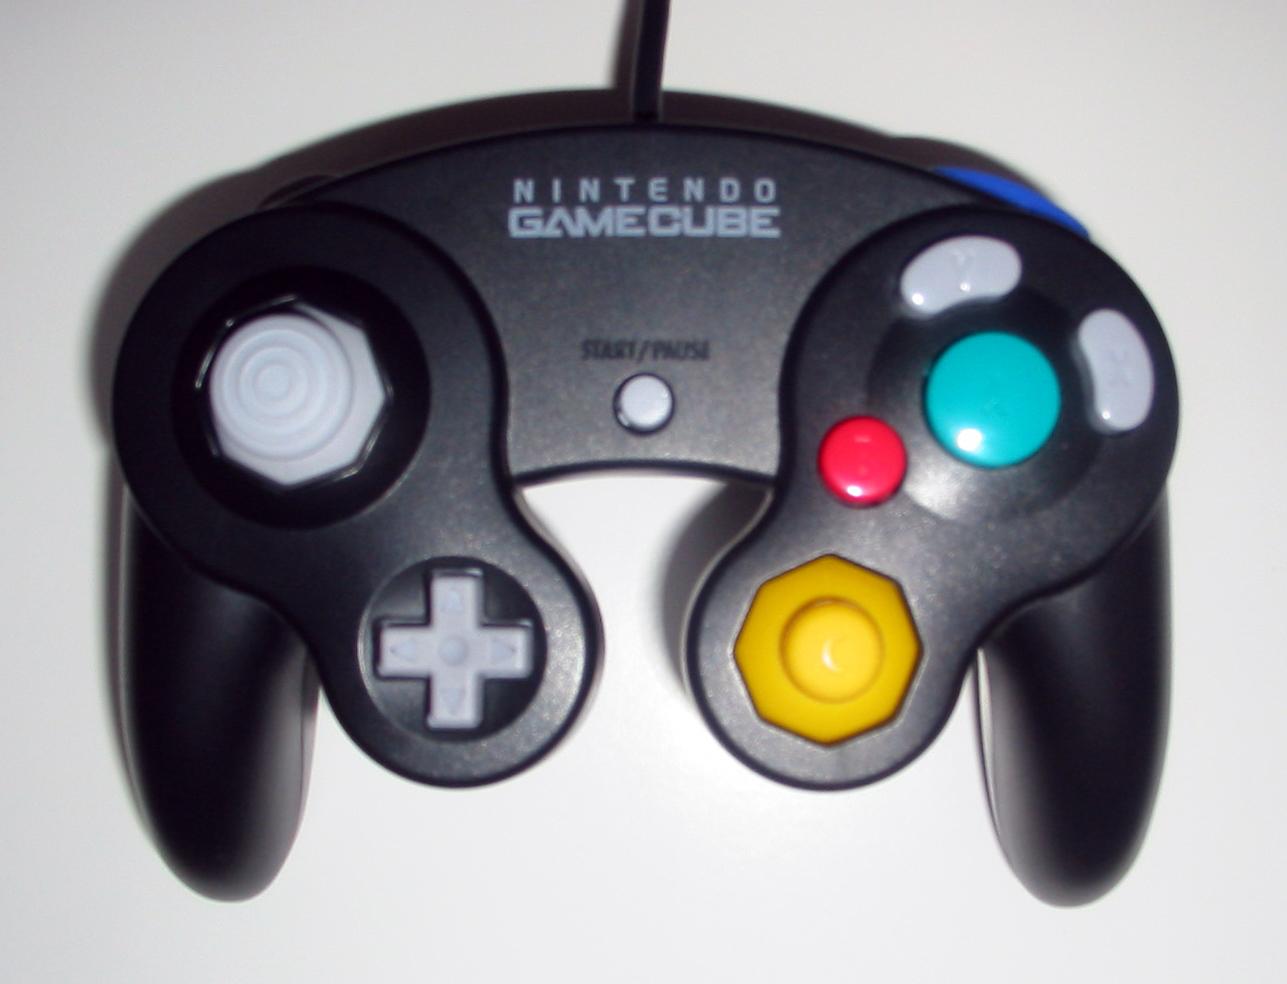 Gamecube Controller Dimensions Gamecube Controller[edit